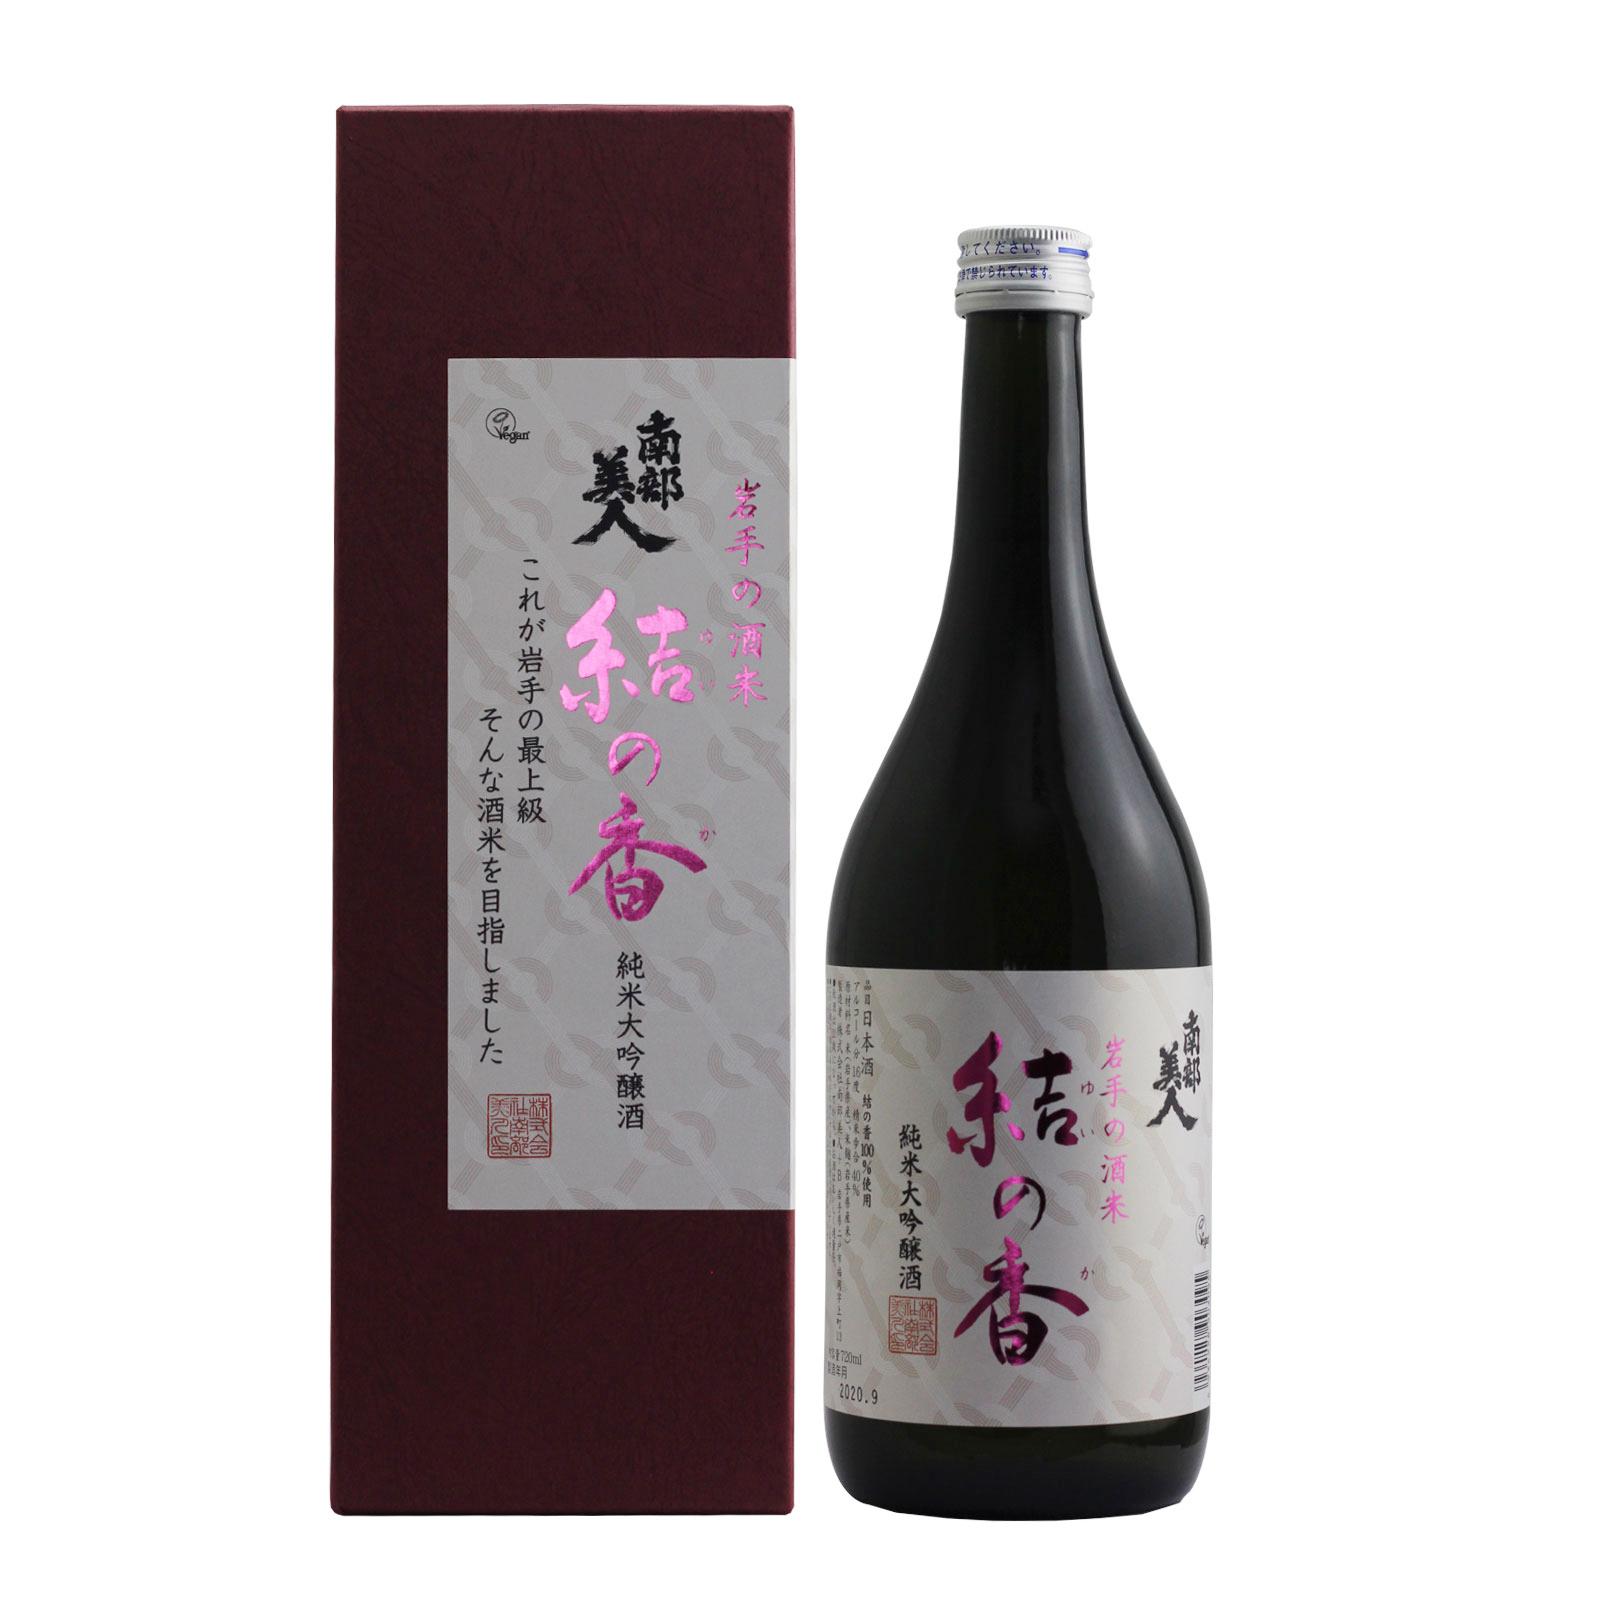 Nanbubijin Yuinoka Junmai Daiginjo 16% 720ml